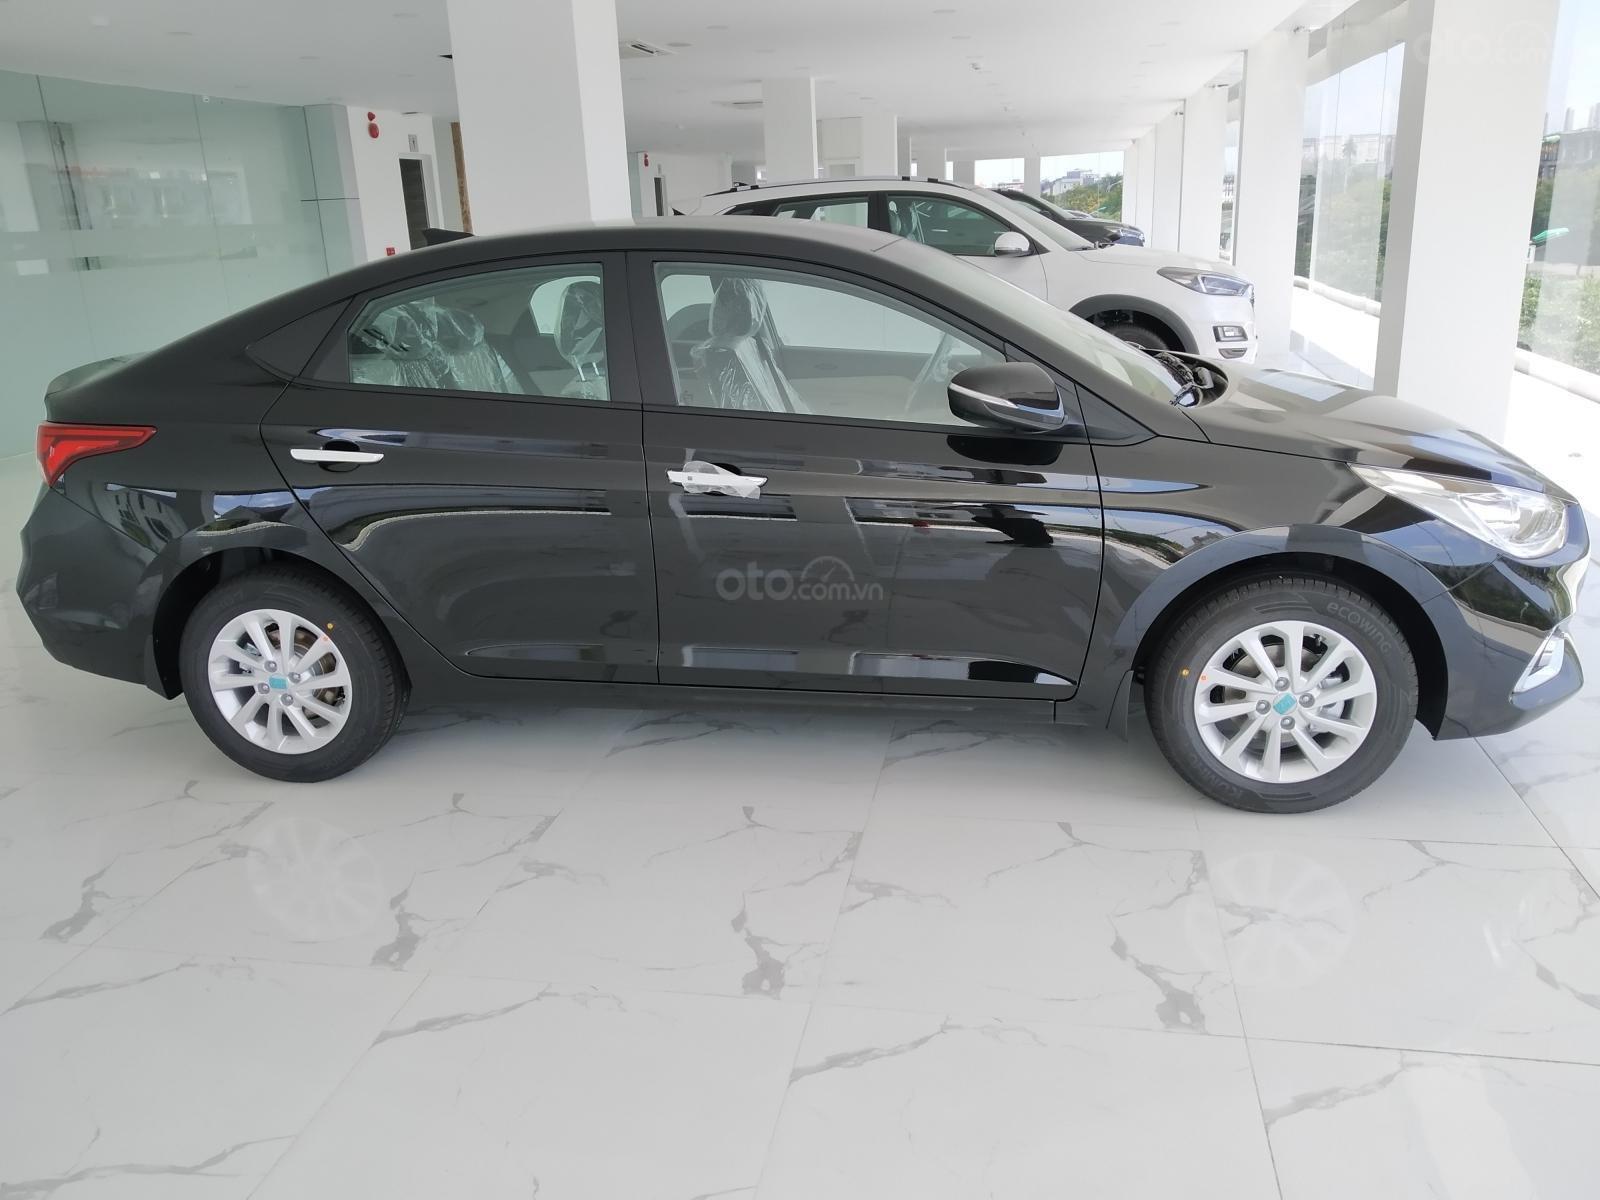 Hyundai Accent AT đầy đủ màu sắc giao ngay. Gía ưu đãi cực thấp T9 kèm theo nhiều ưu đãi và phụ kiện hấp dẫn (3)